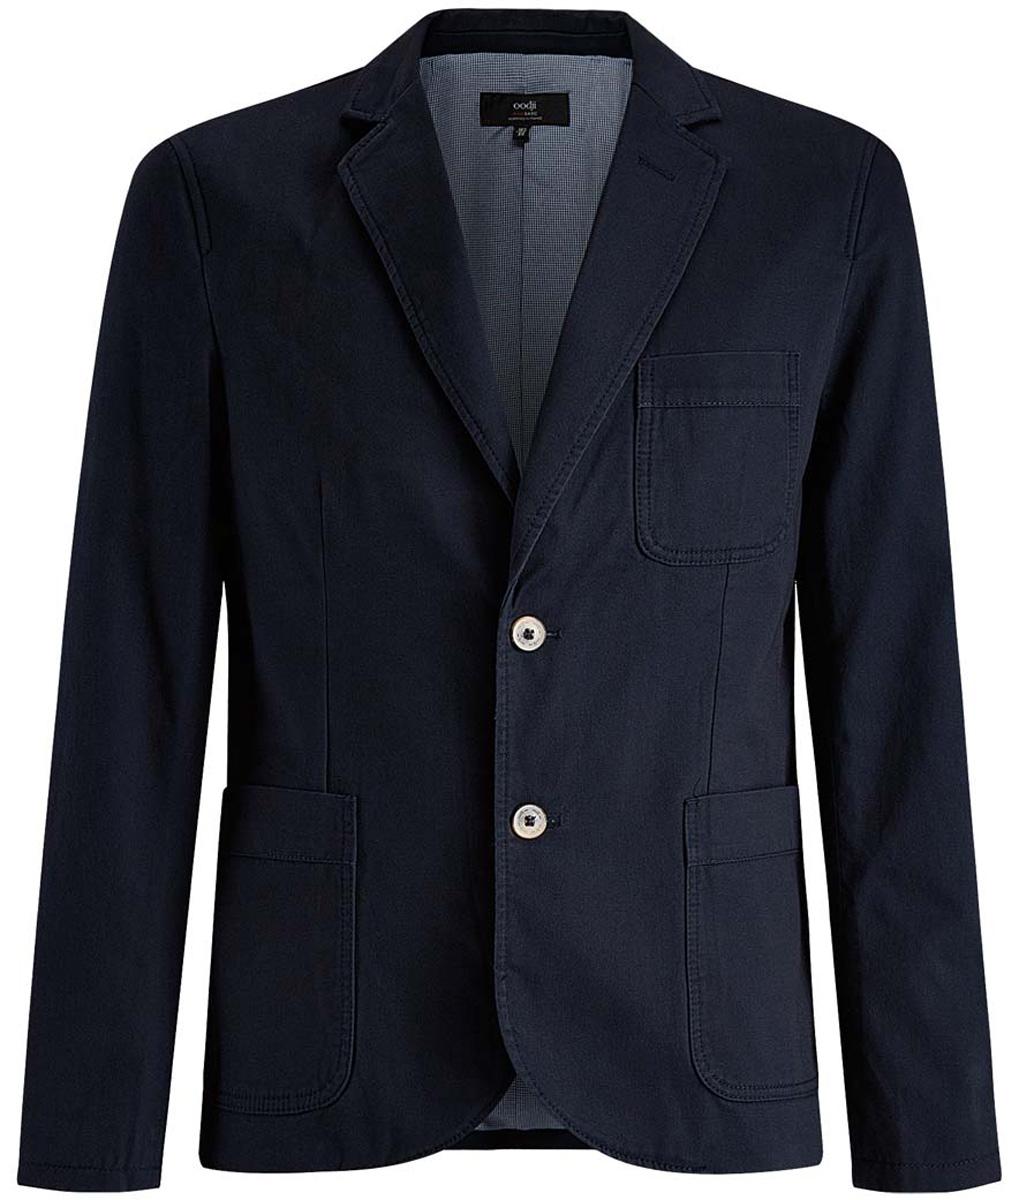 2B510004M/17653N/2900NМужской пиджак oodji Basic скроен по классическому силуэту и плотно садится по фигуре. Имеет длинные рукава, воротник с лацканами, карман слева на груди, два кармана по бокам от талии. Застегивается на пуговицы спереди и на манжетах. Сзади имеется две симметричные шлицы.